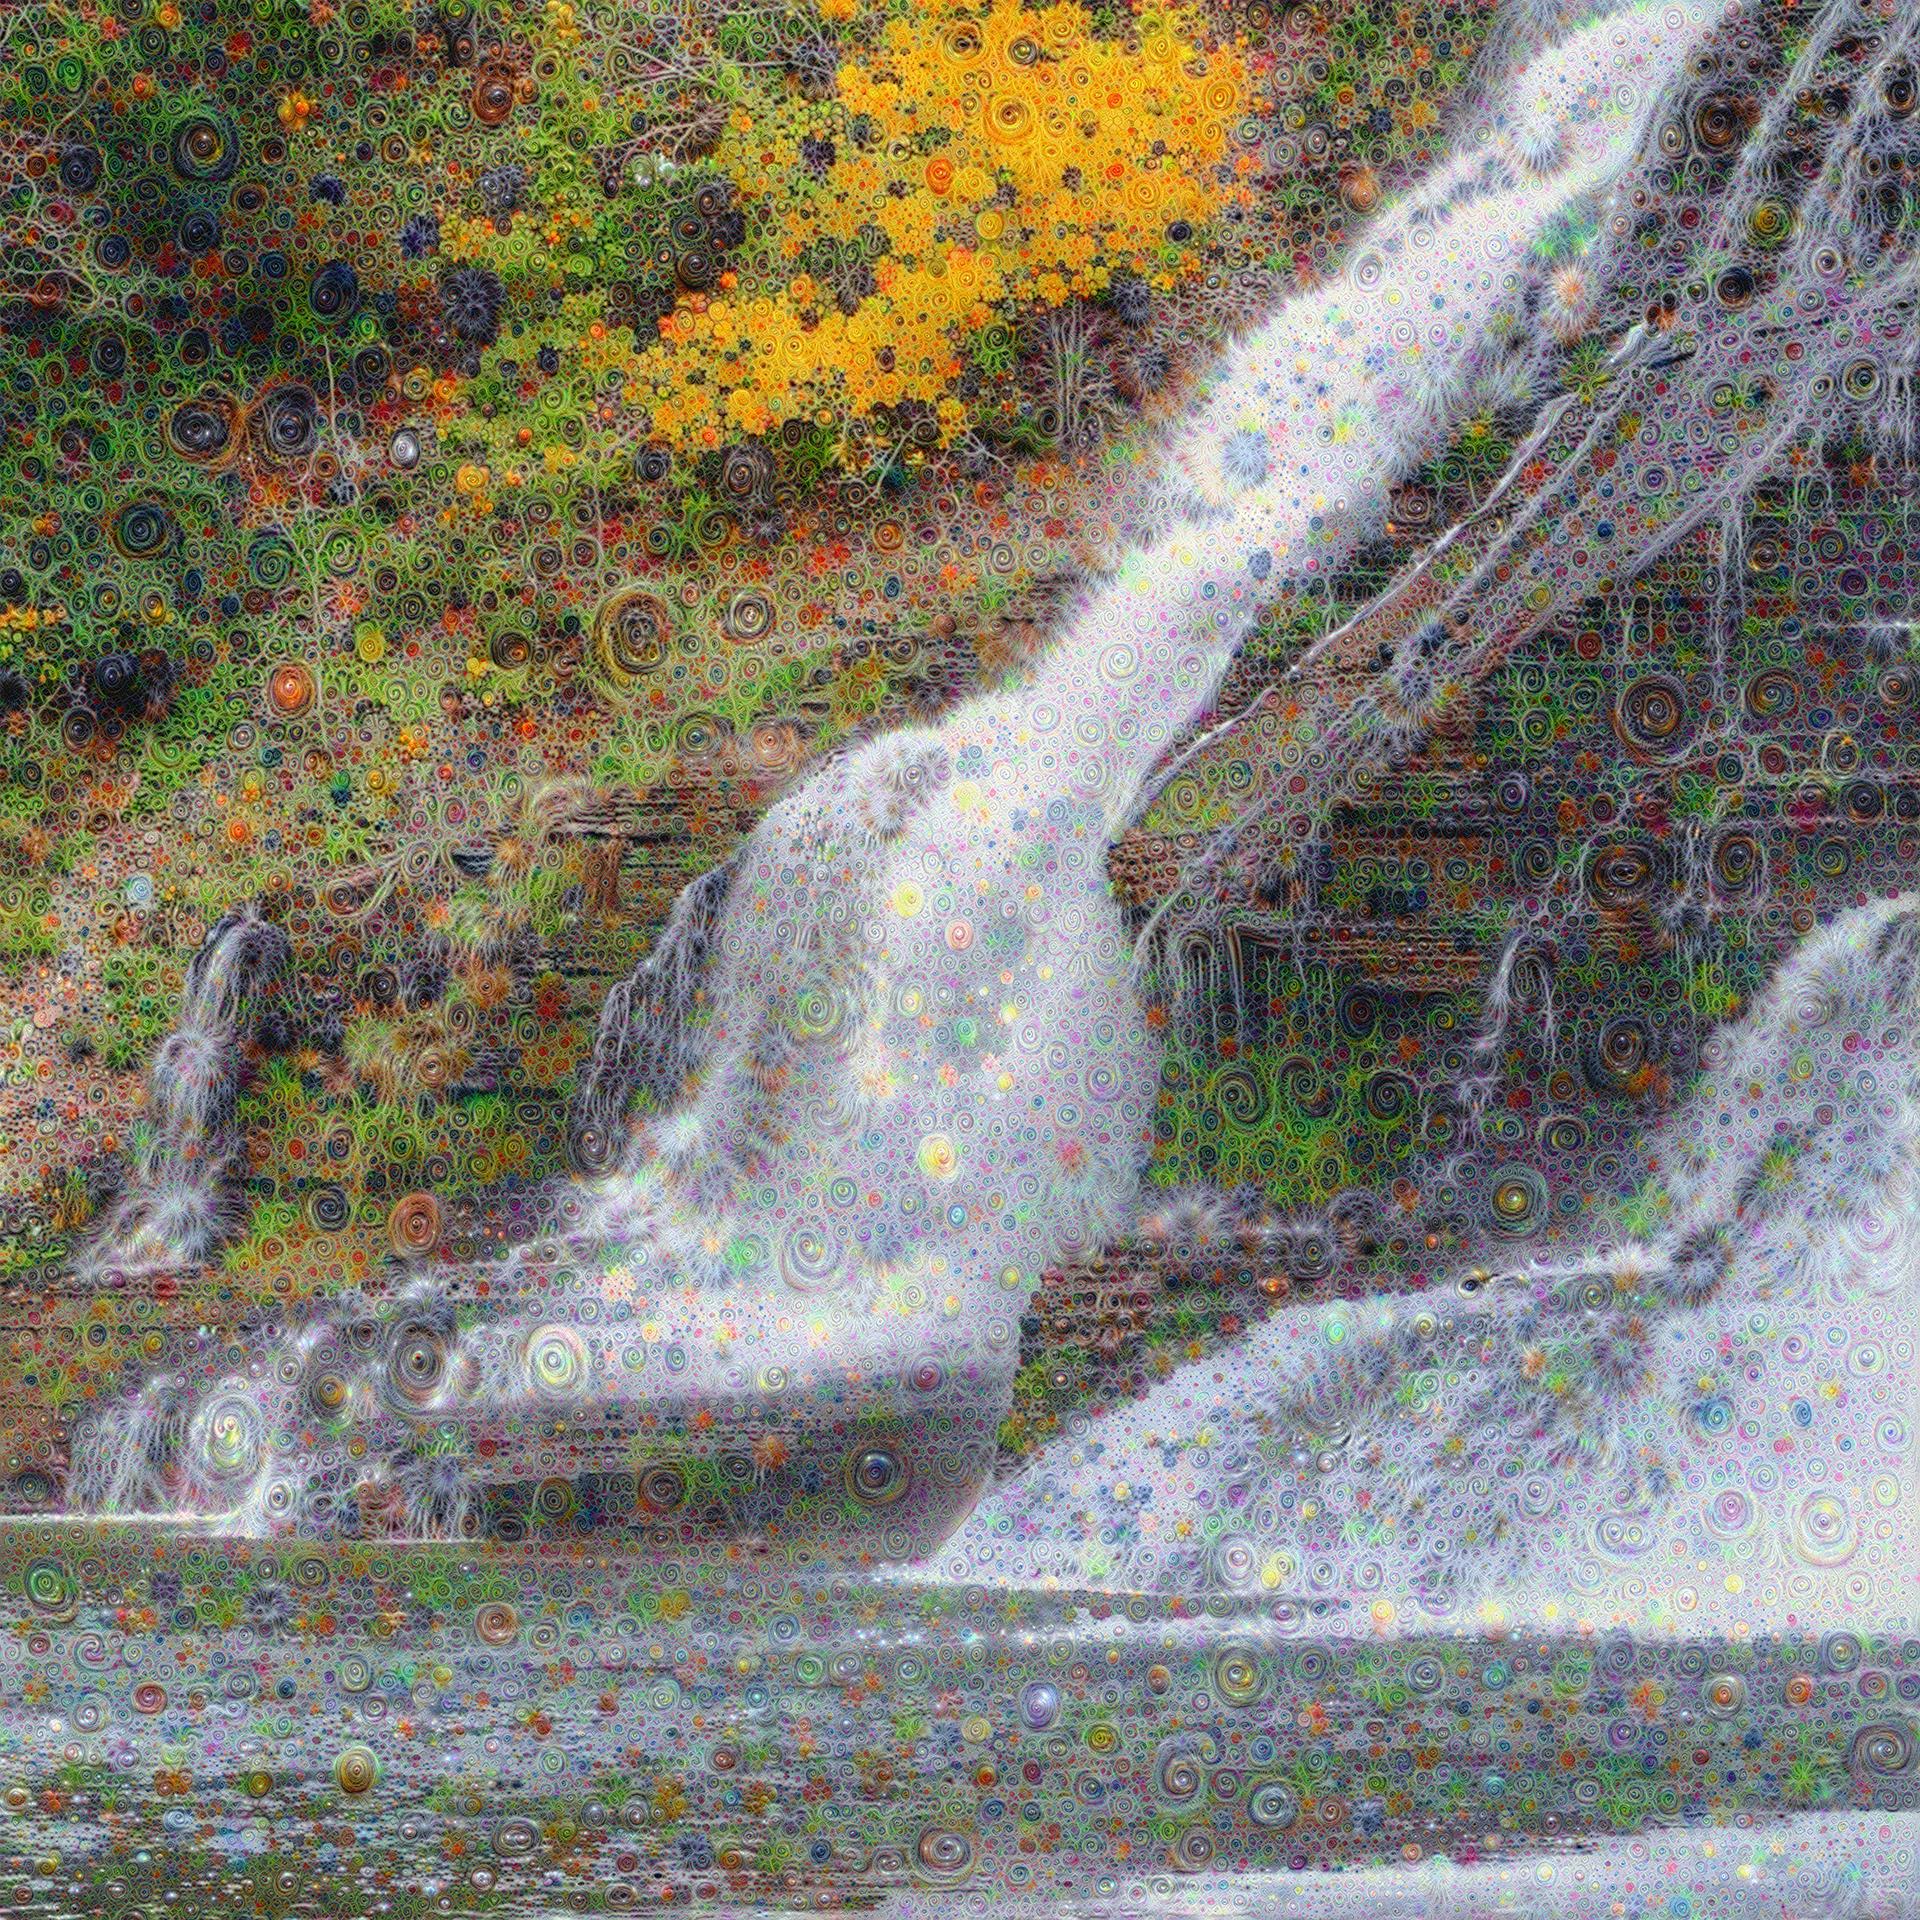 Ithaca Falls - Ithaca, NY